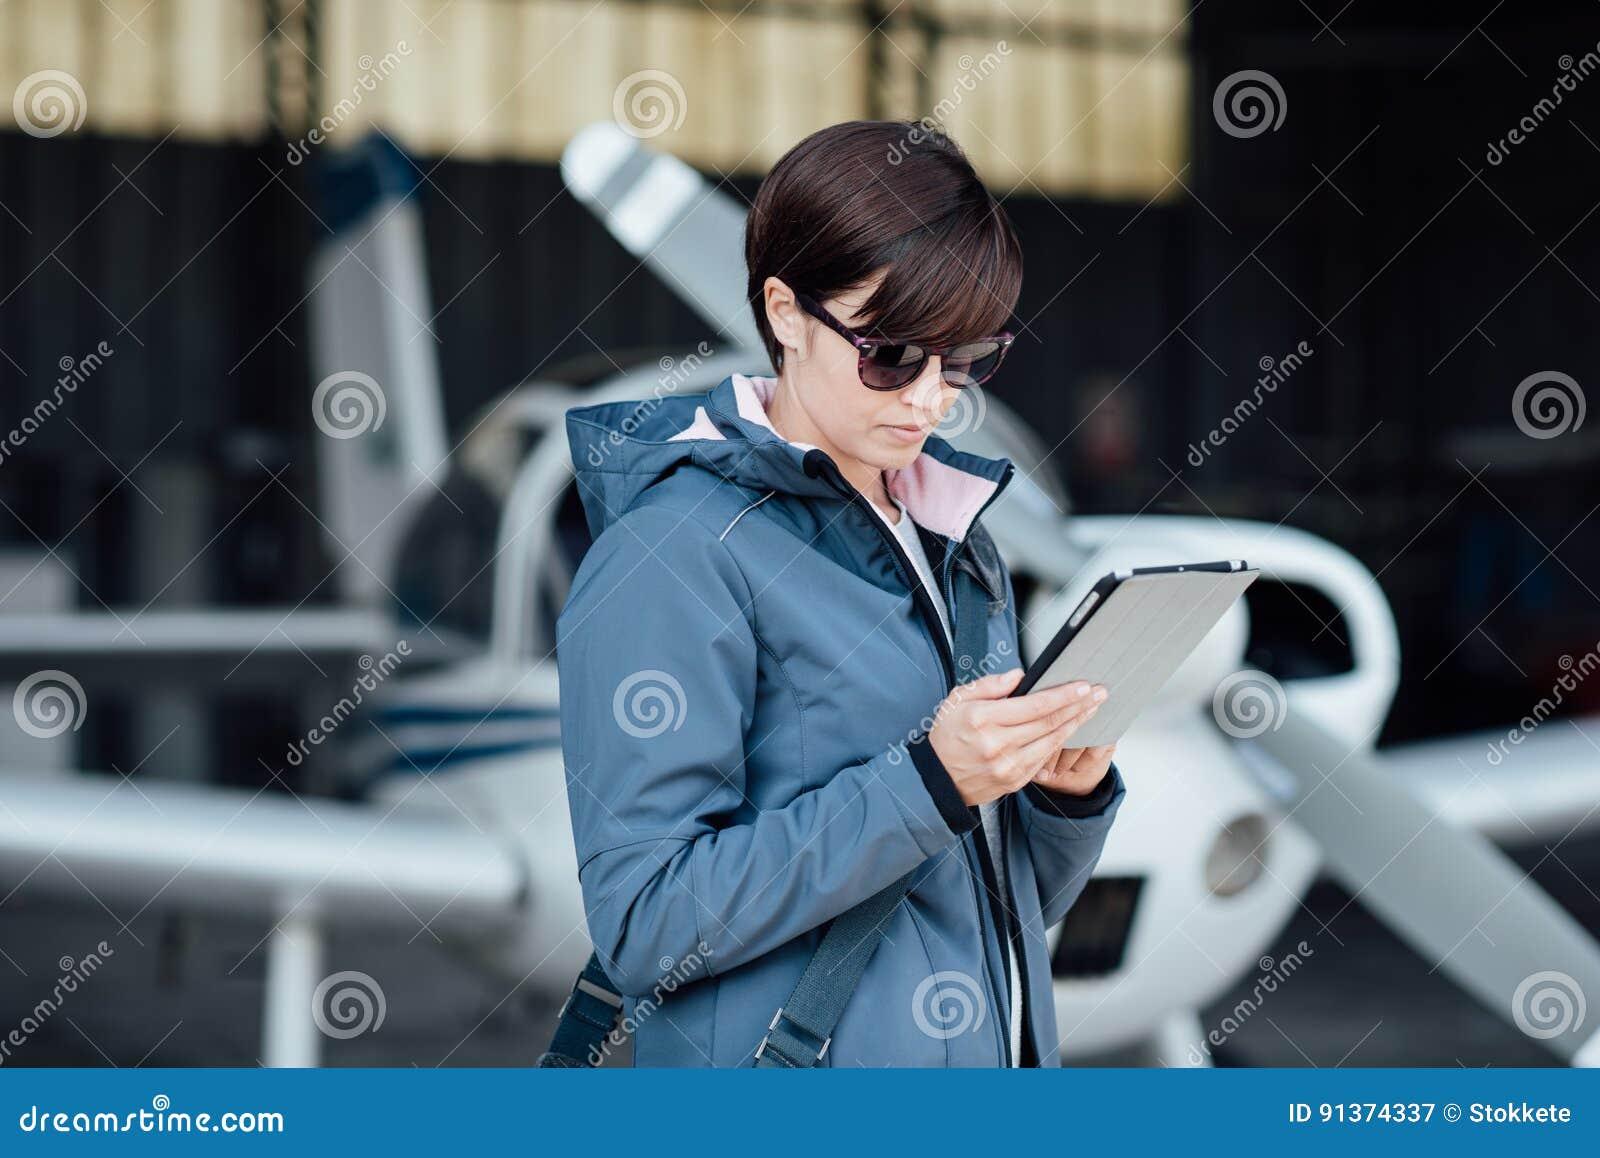 使用航空apps的飞行员